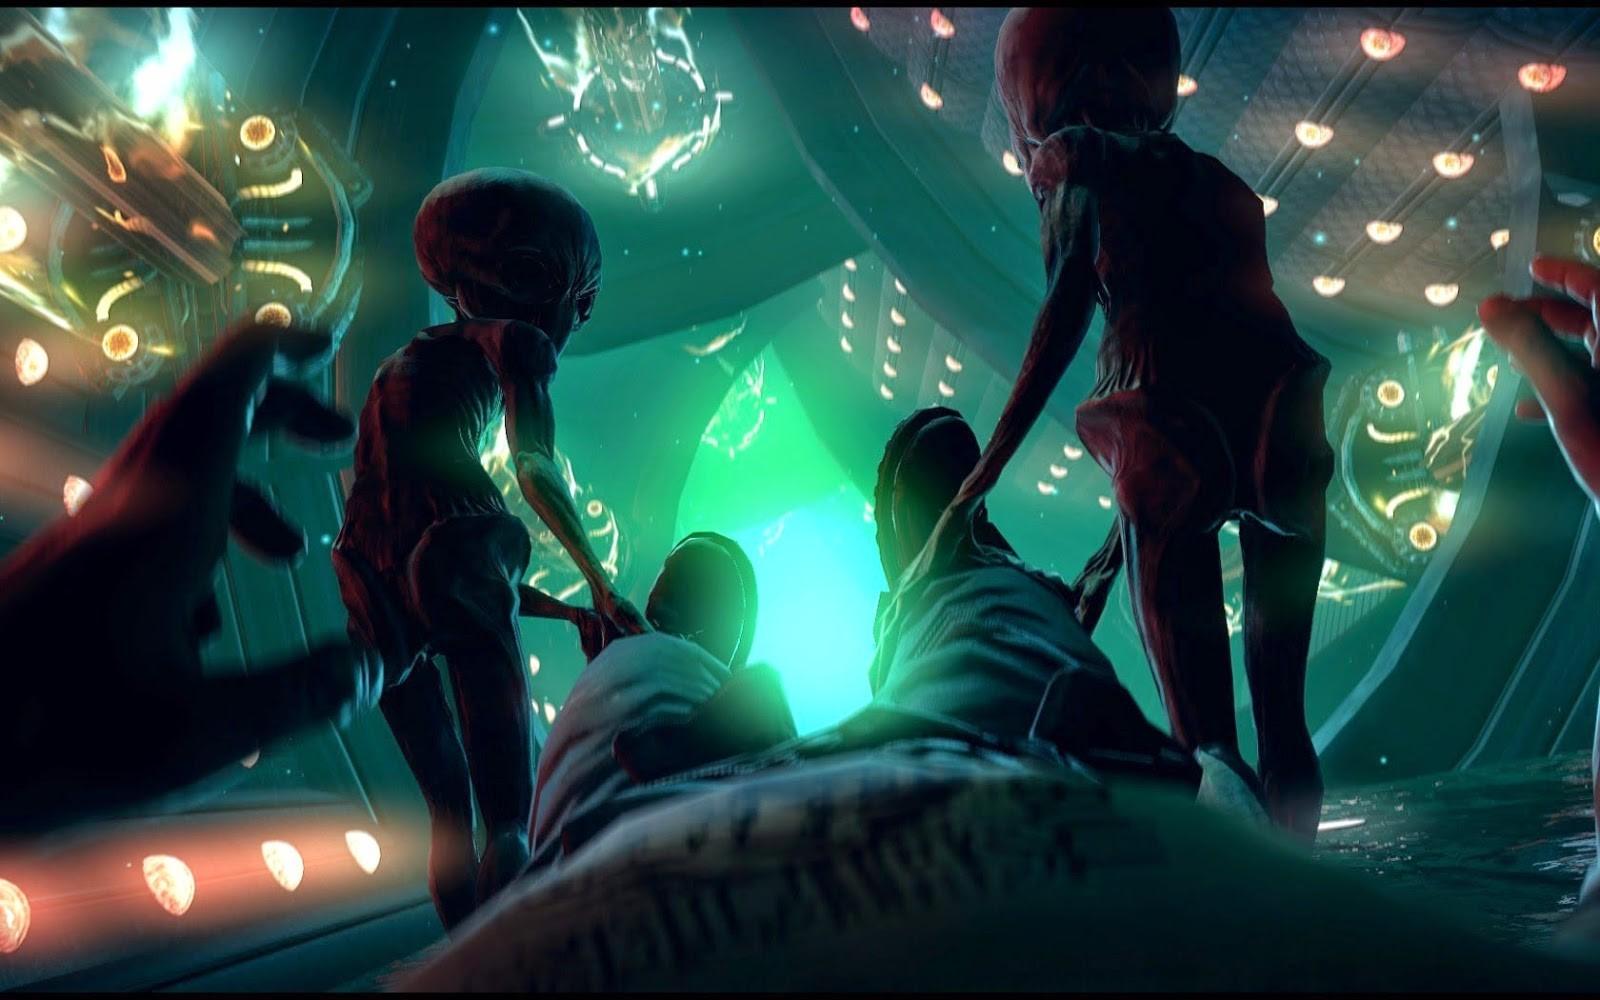 Рис.4. Скриншот из игры The Hum: Abductions